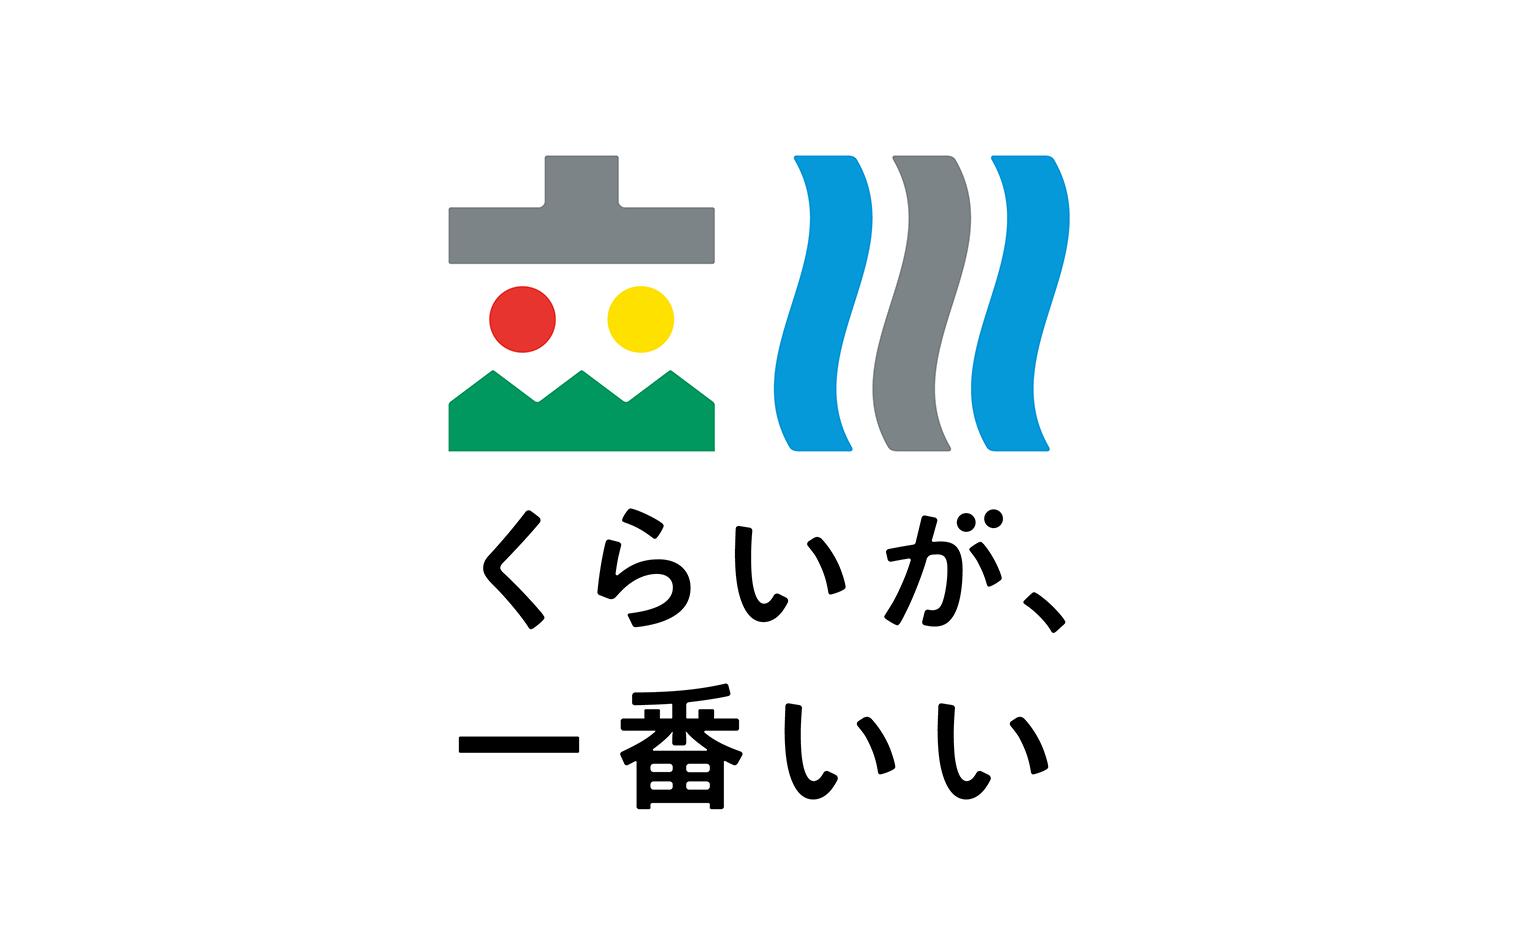 立川市のブランドメッセージ ロゴマークが決定しました!